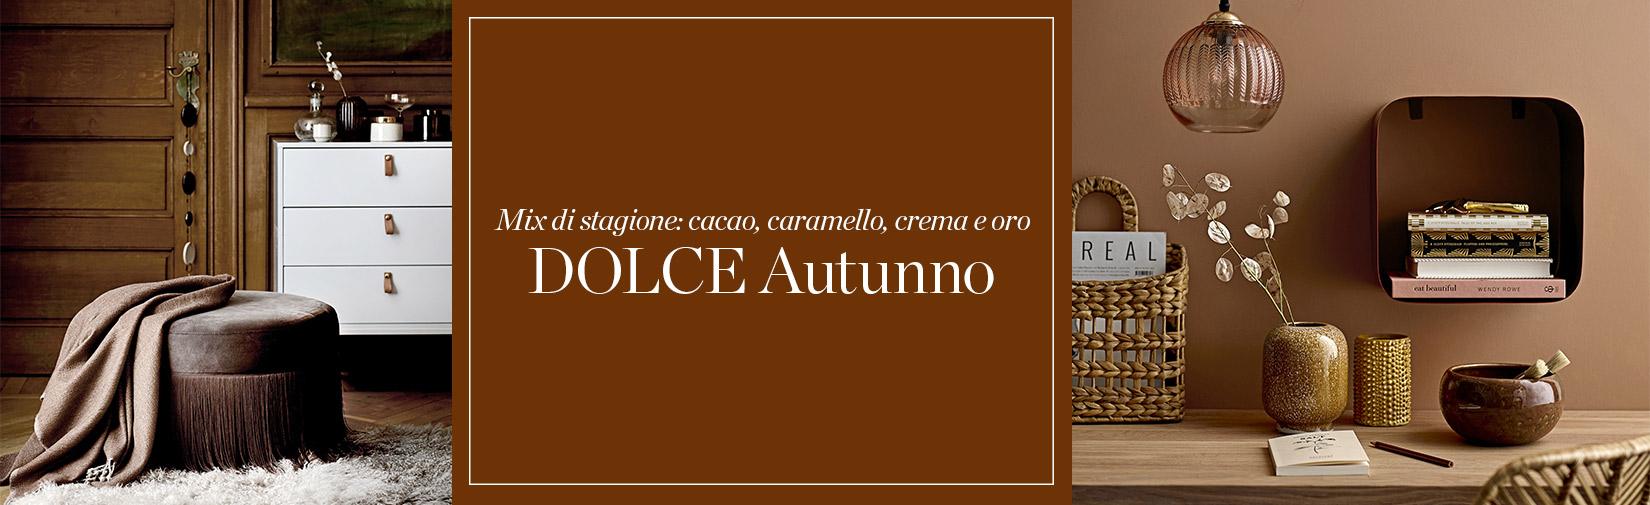 LP_Dolce_autunno_Desktop